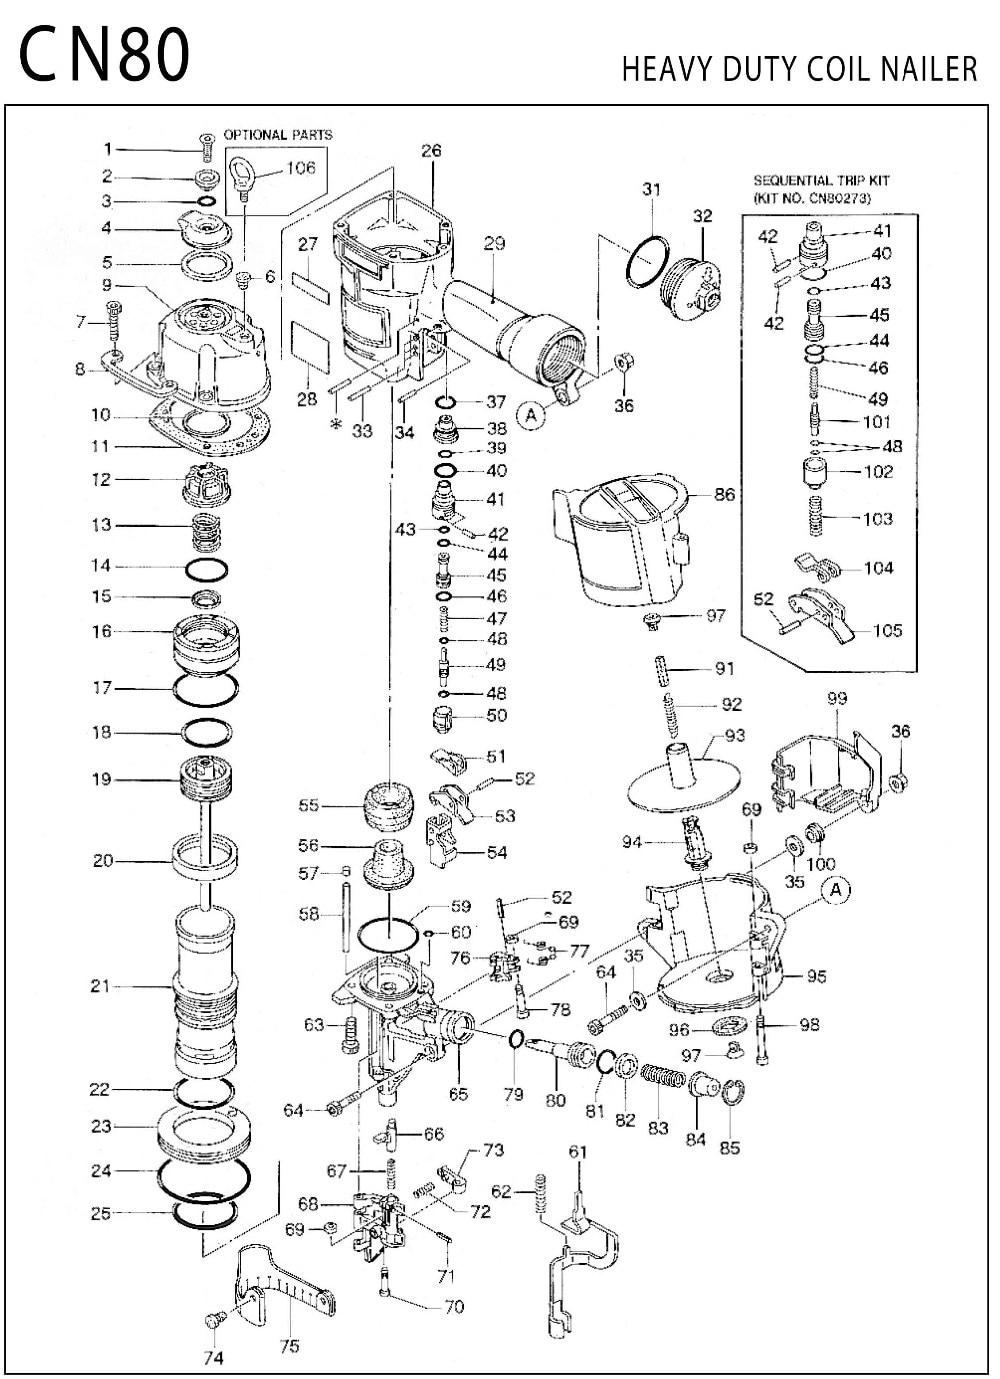 CN80 nase nuzzle teil nuzzle einheit für Nail Gun CN80 zubehör für ...